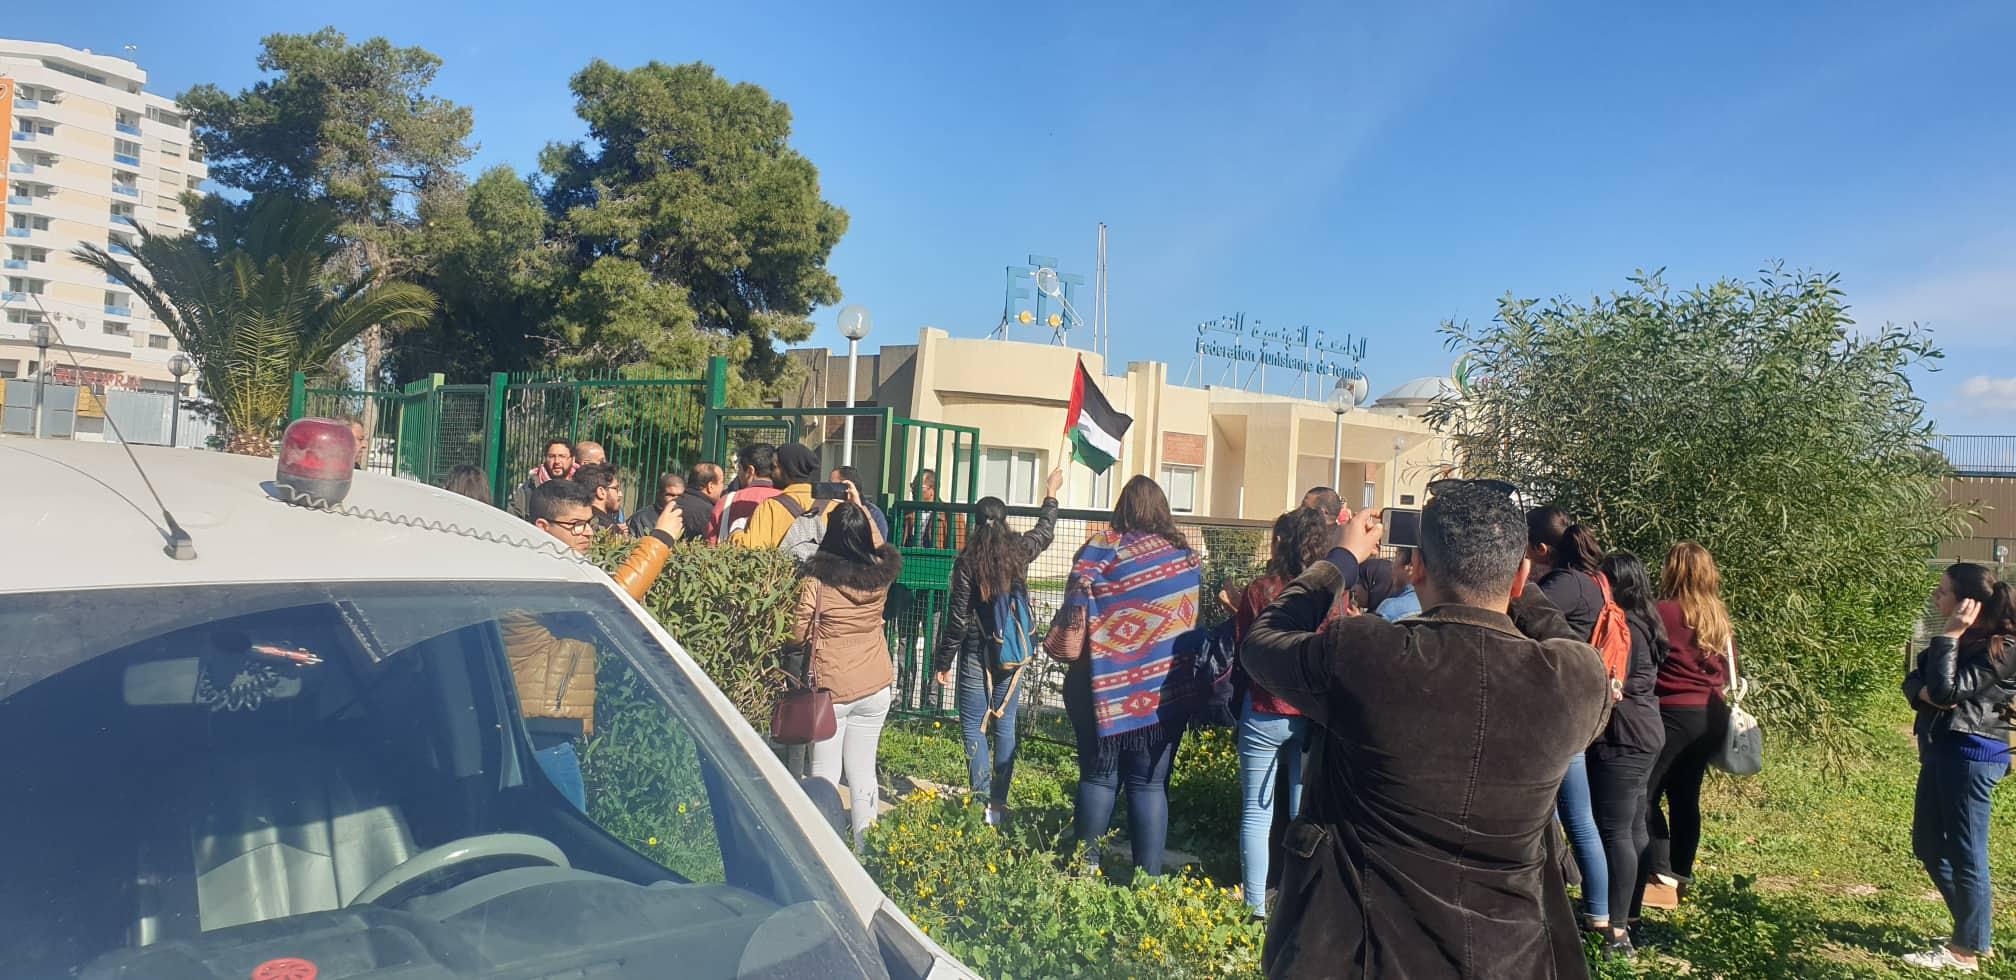 Rassemblement de protestation contre la participation d'un joueur israélien au tournoi de Tunis